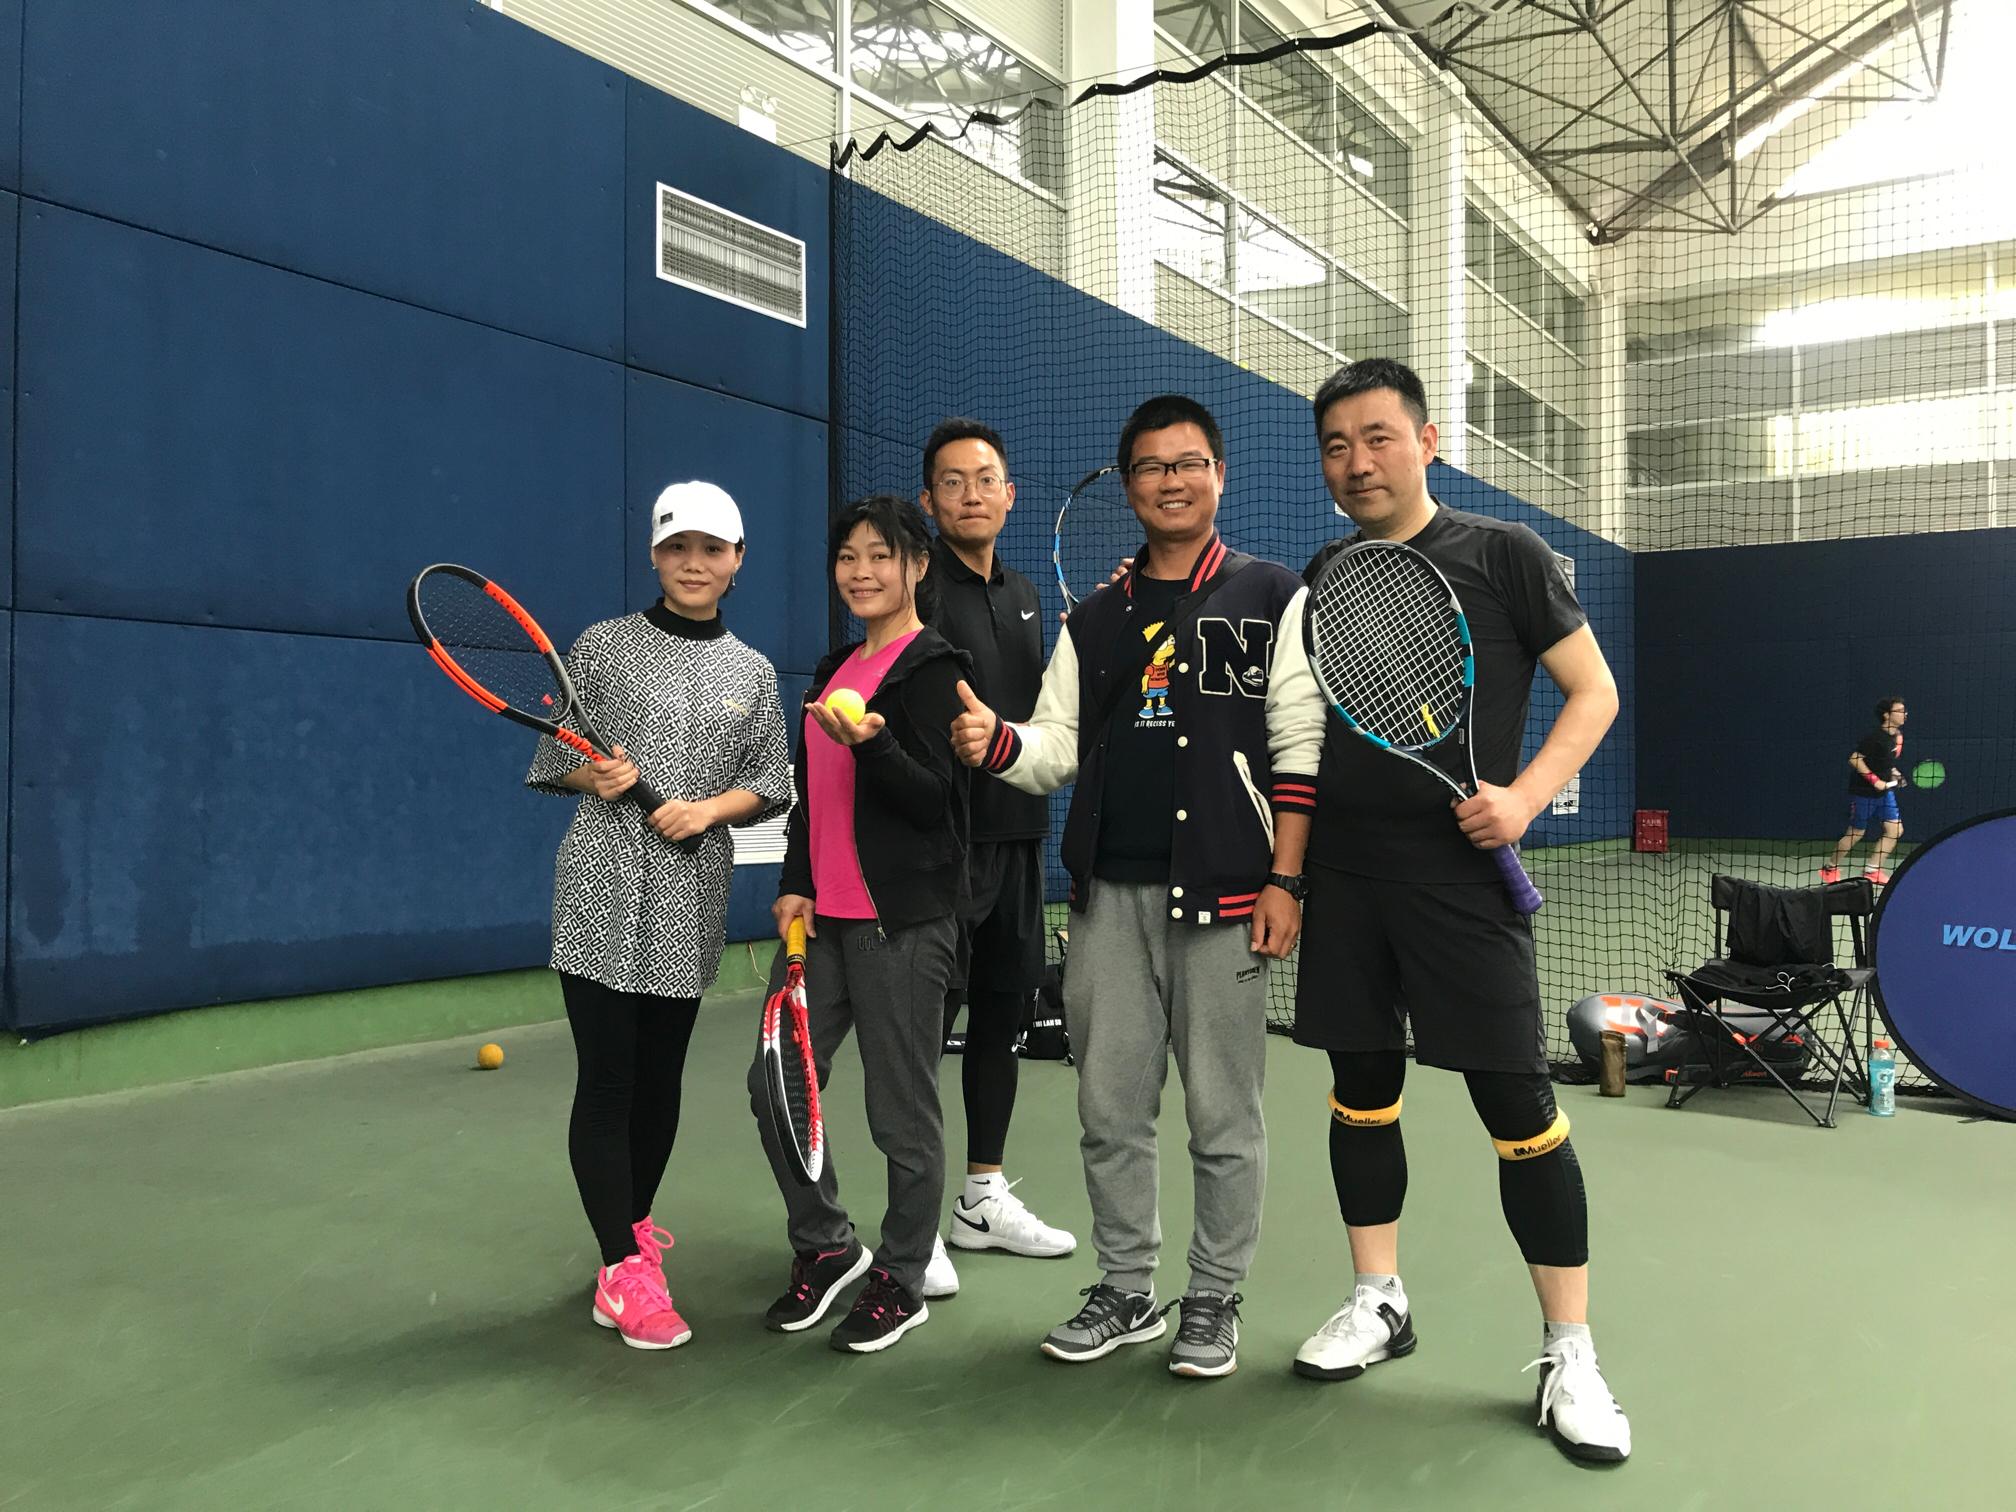 成人网球技术提高班